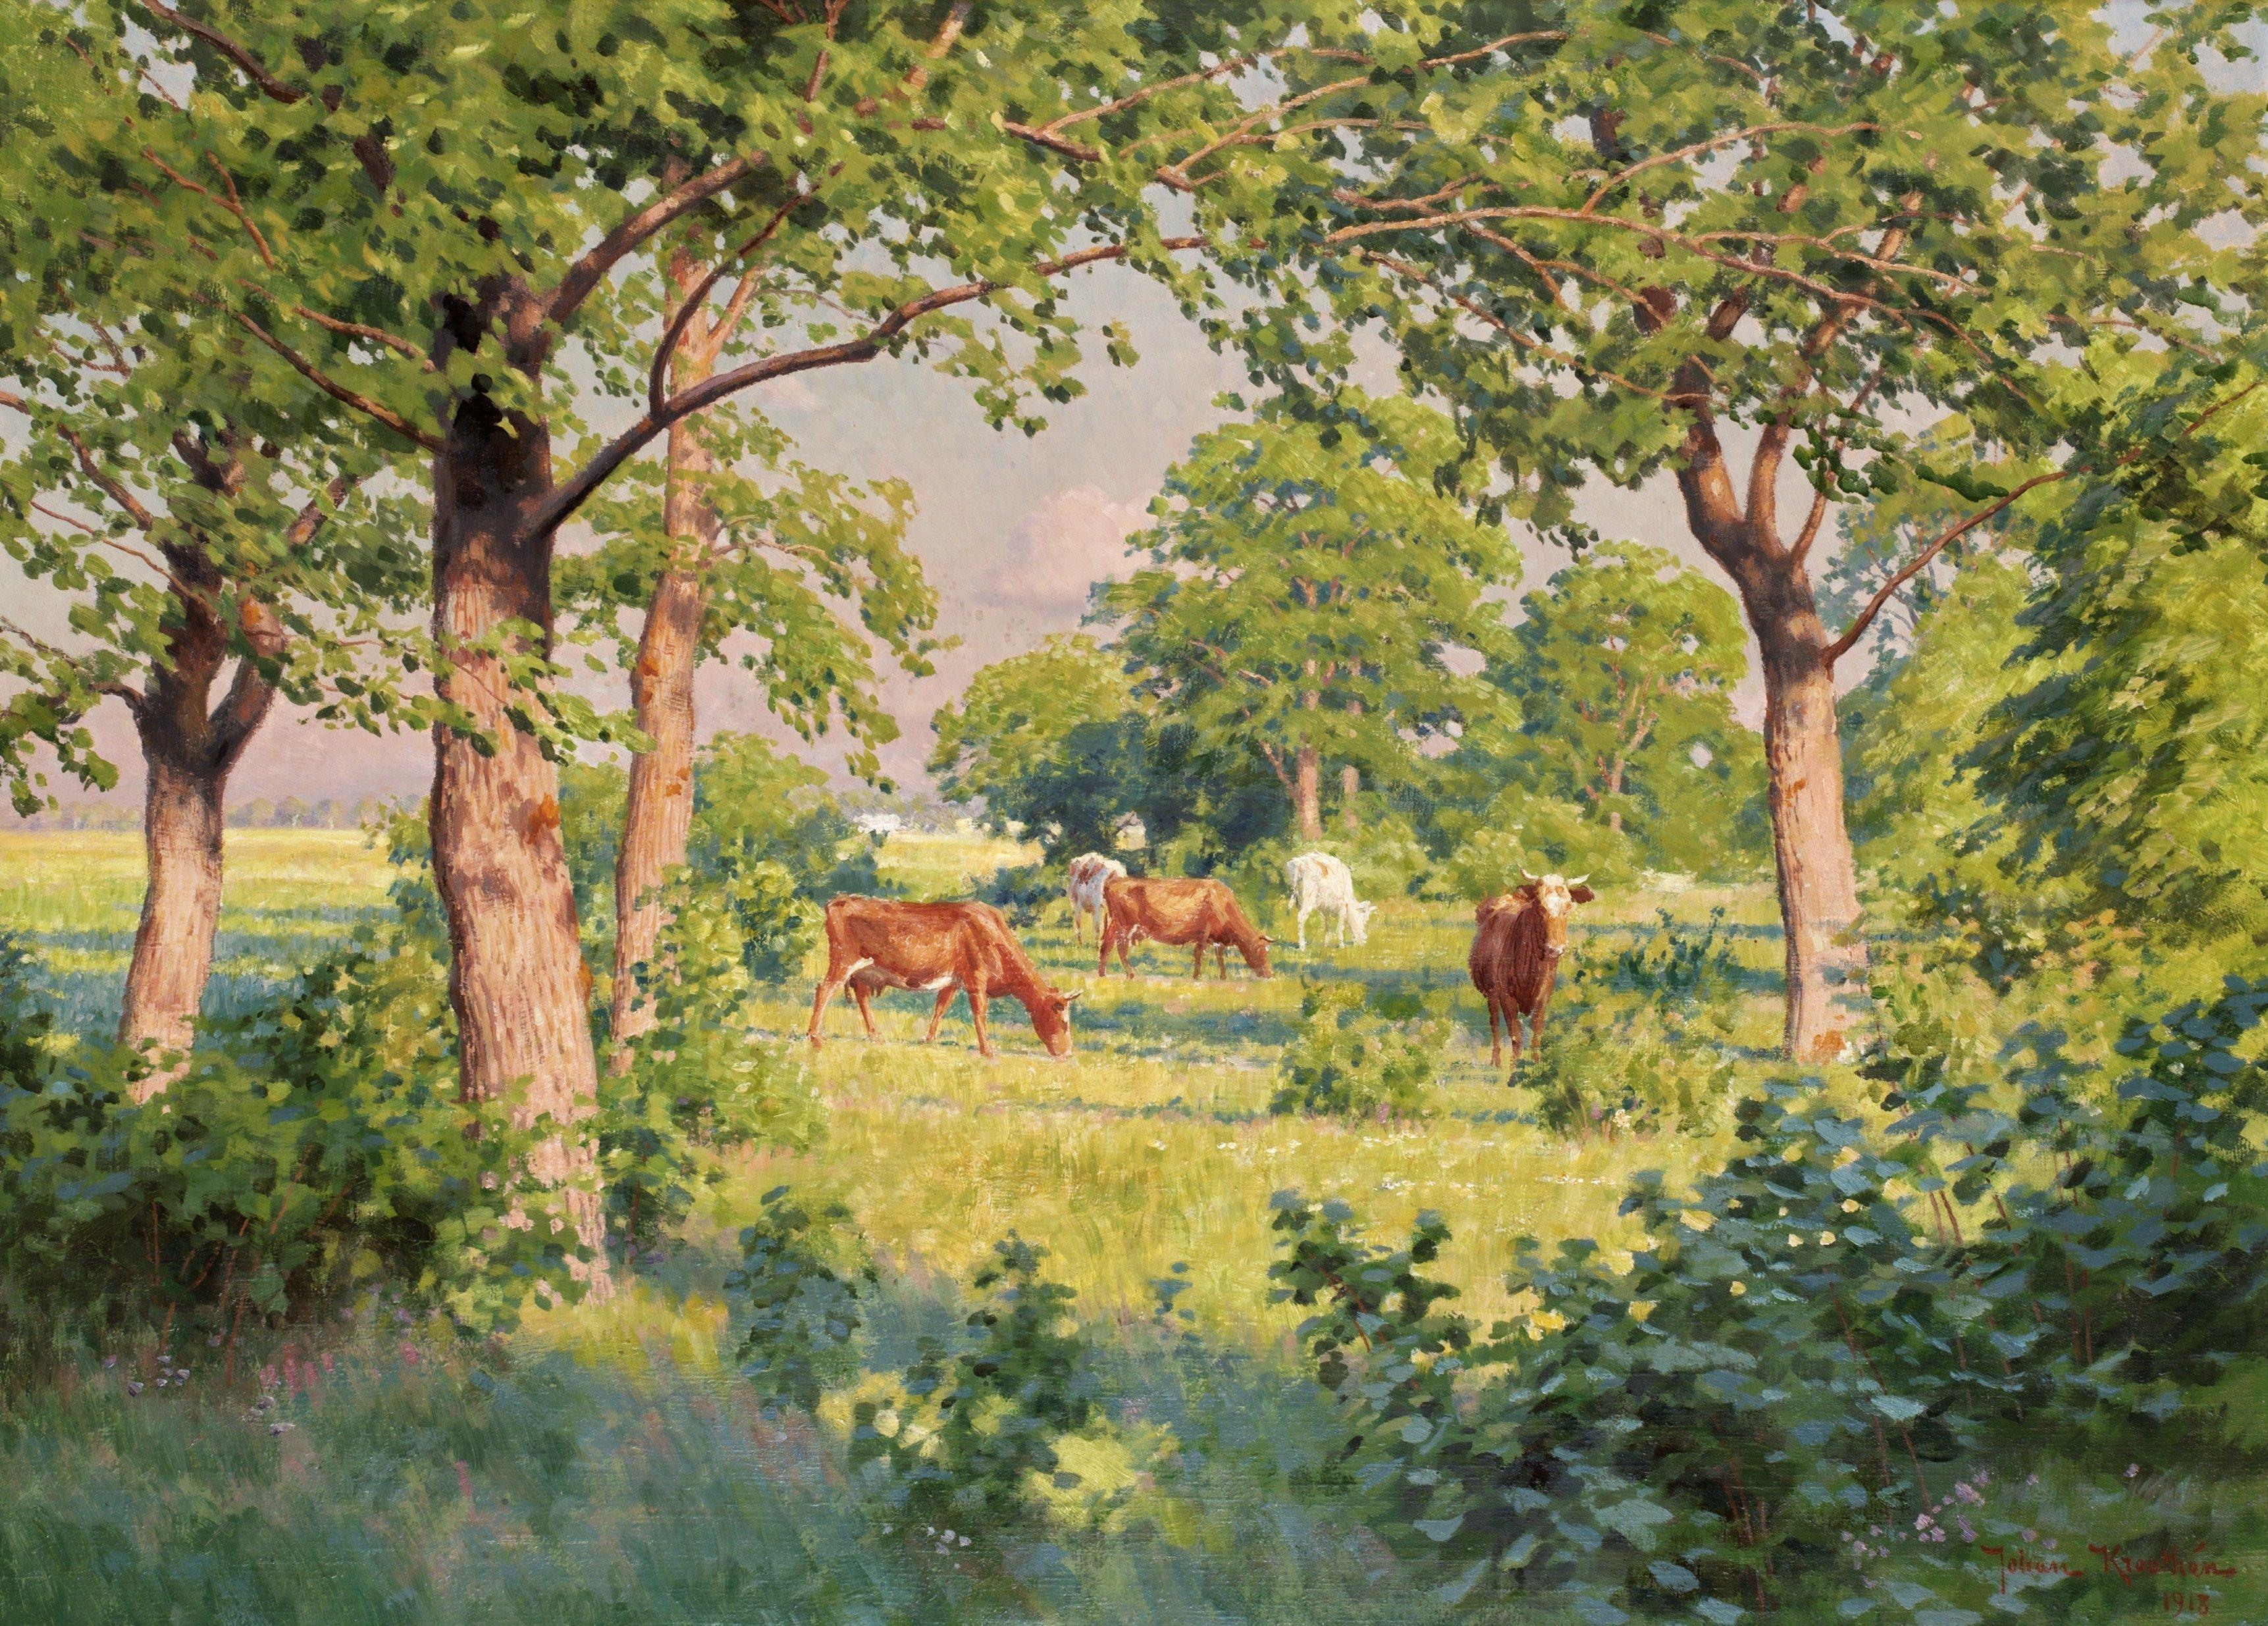 Sommarlandskap med kor